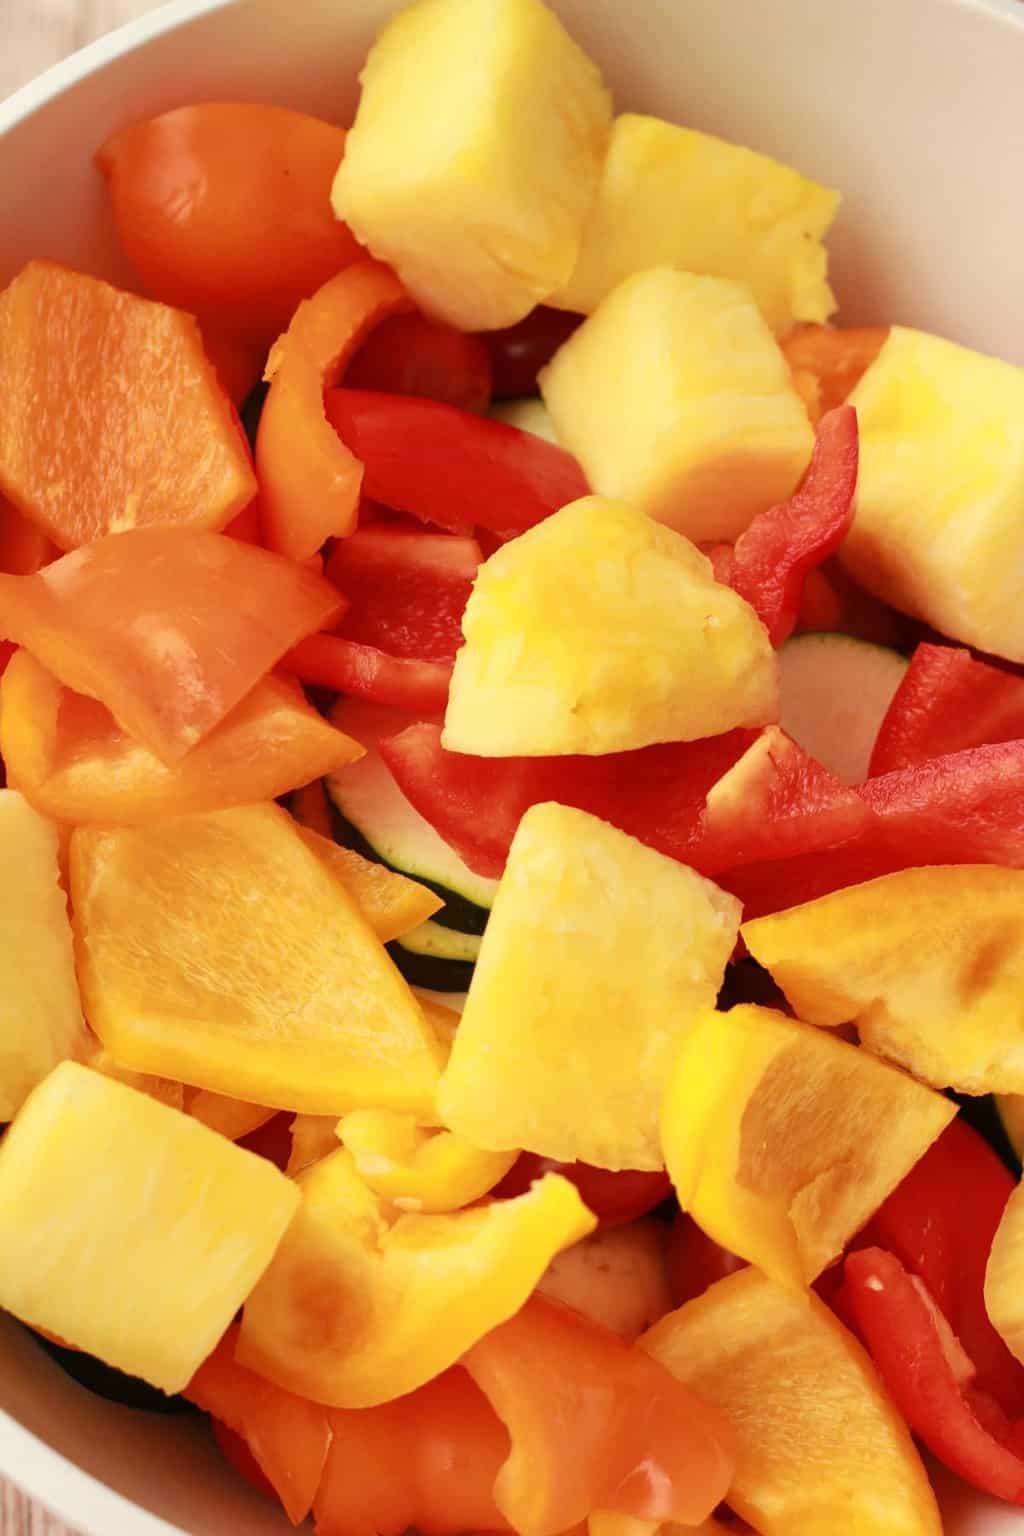 Making Vegetable Skewers #vegan #lovingitvegan